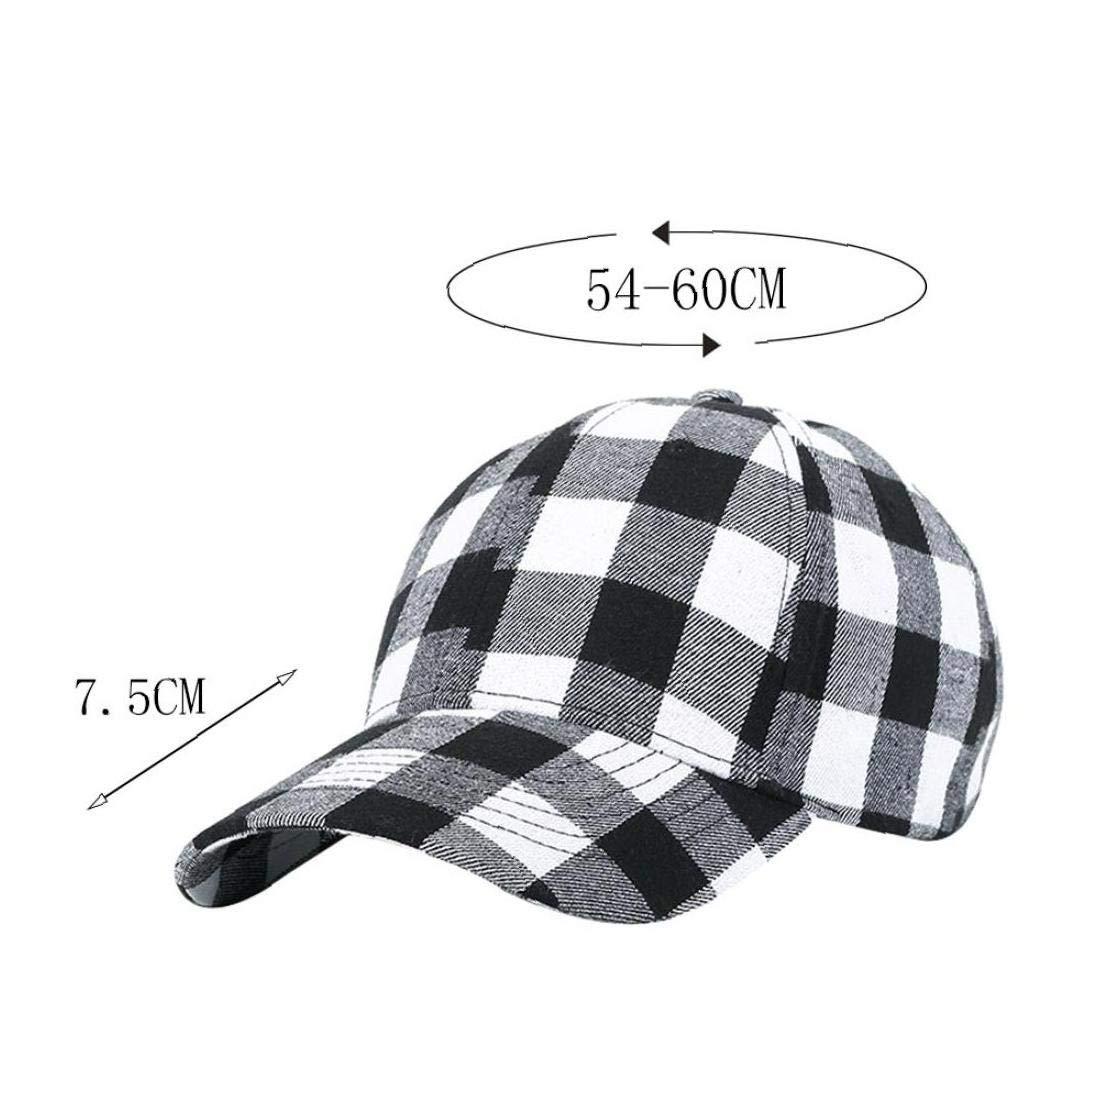 Imprimir Unisex Gorra De B/éisbol Suave De Algod/ón A Cuadros Sombreros Al Aire Libre Caps Hip Hop Ajustable Sombreros para Los Hombres De Las Mujeres